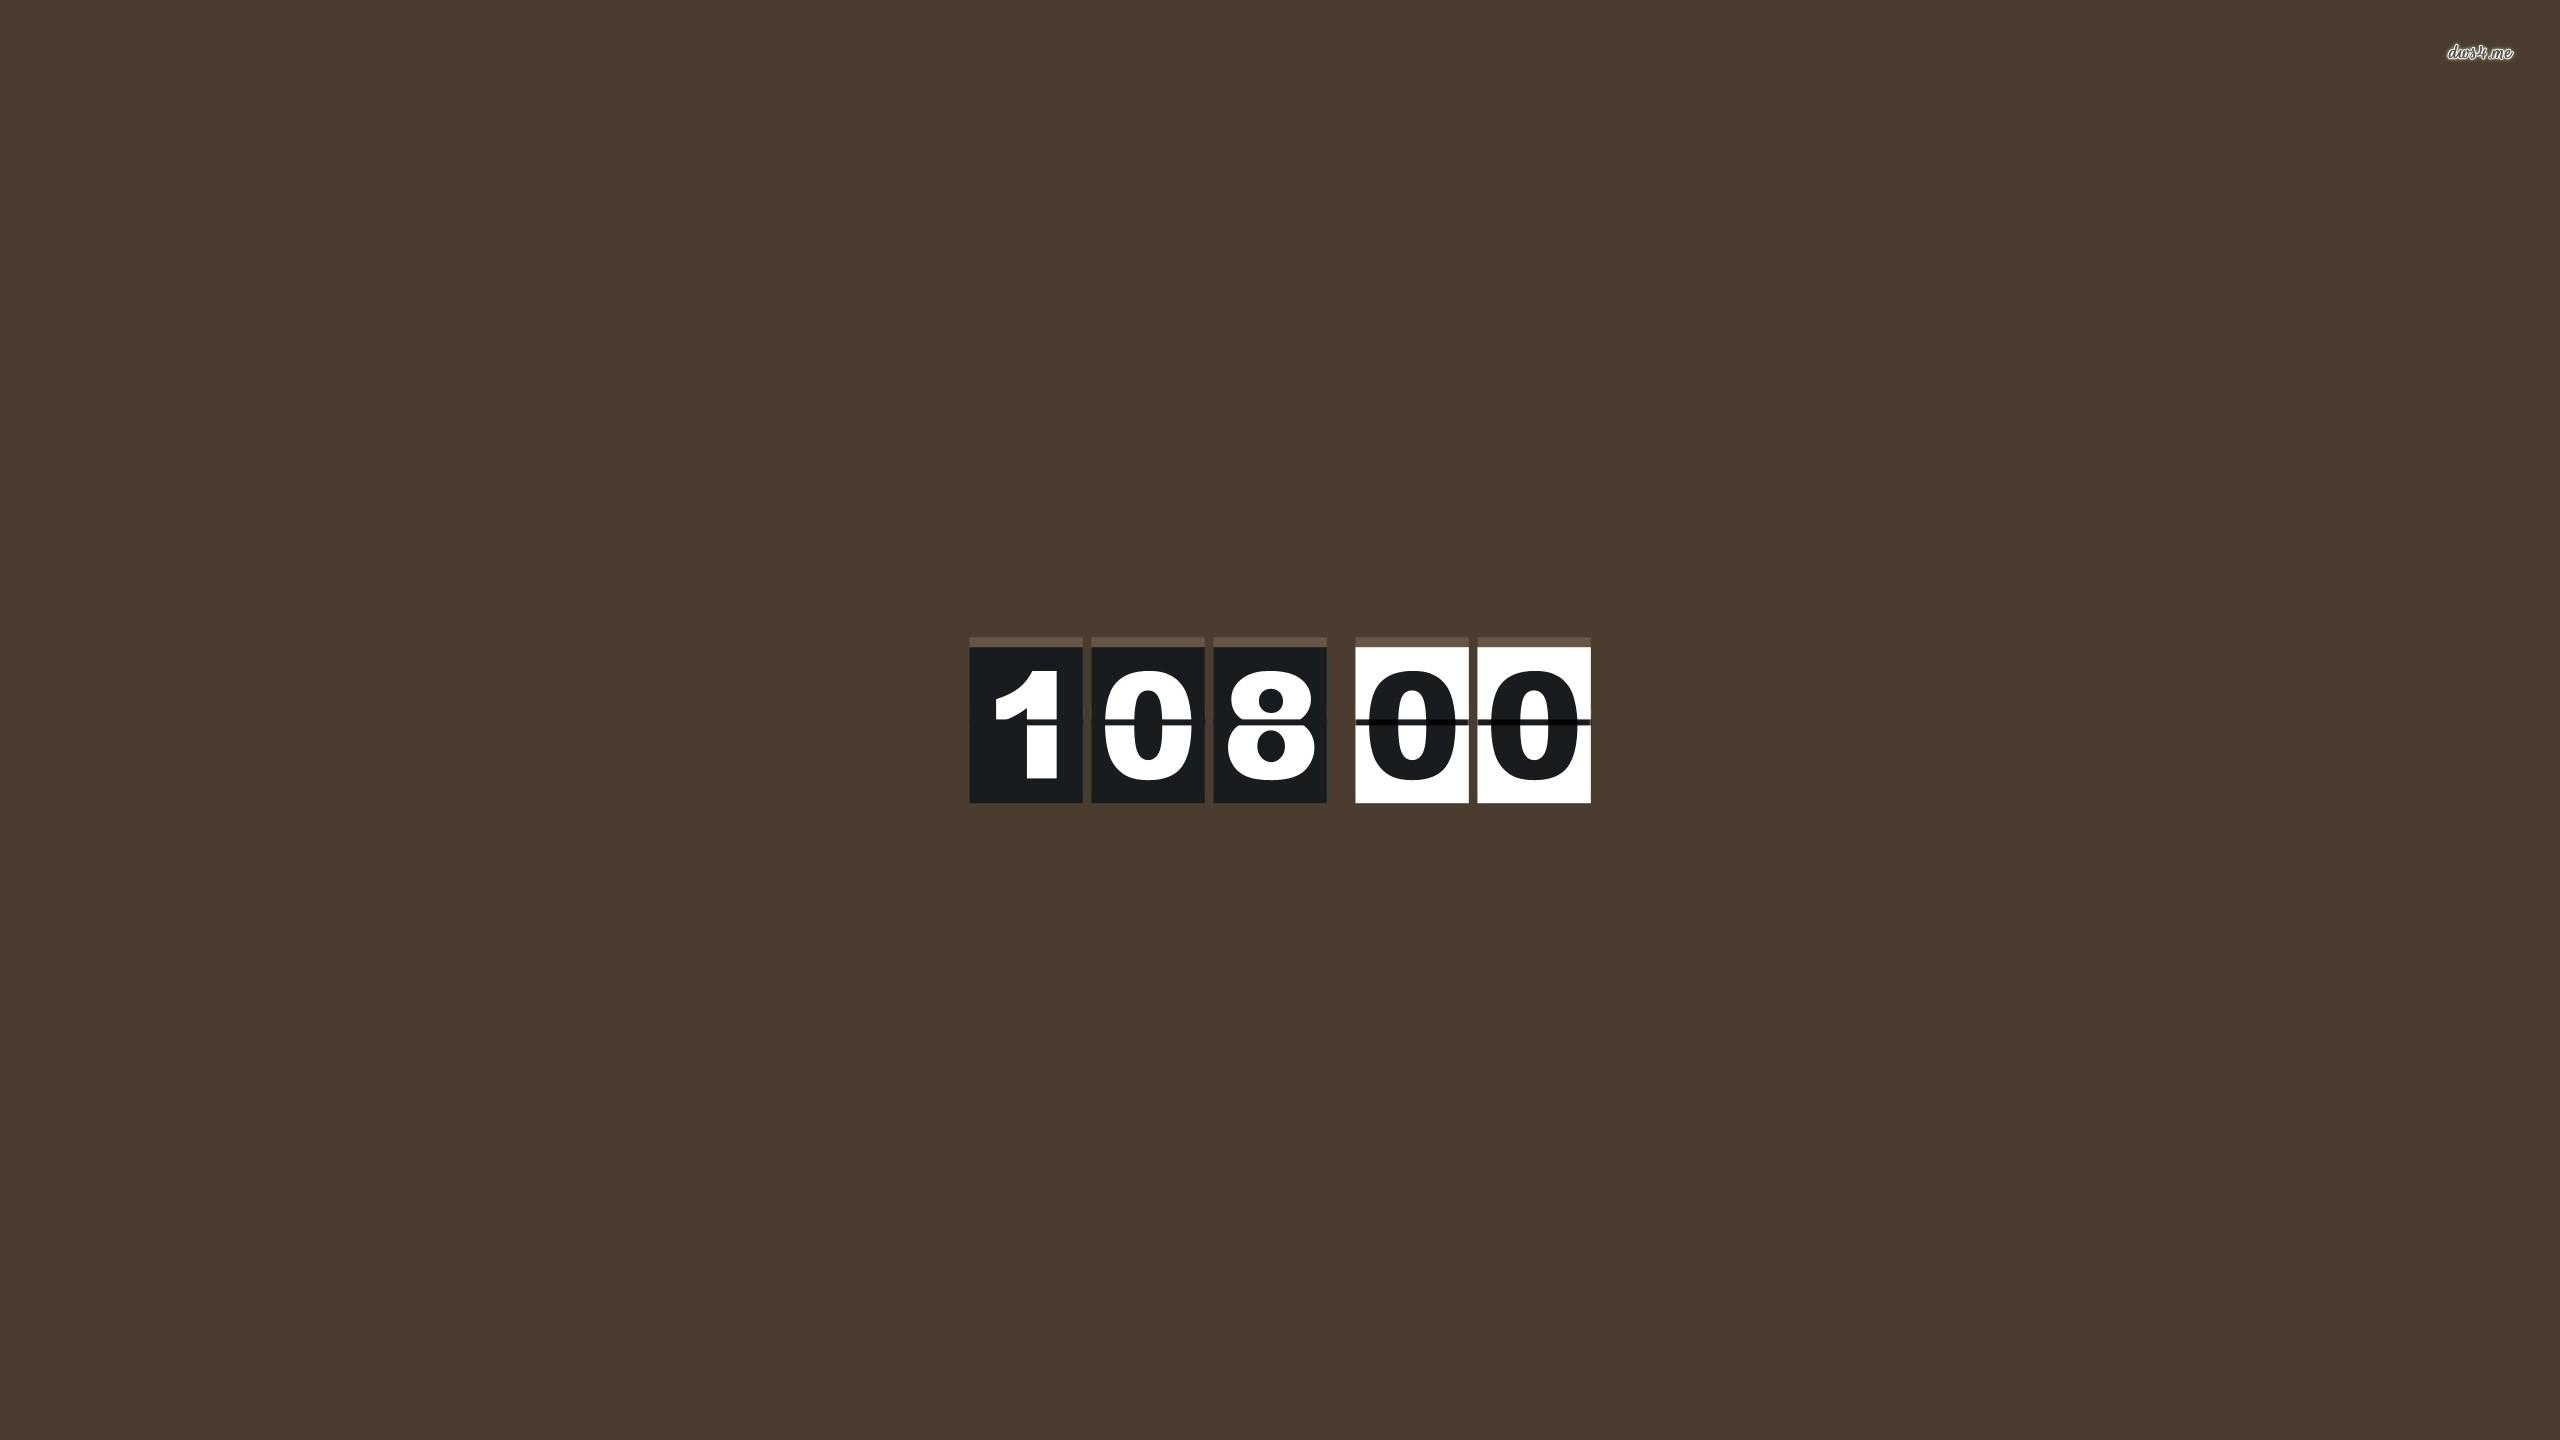 2560x1440 ... star wars countdown wallpaper wallpapersafari .